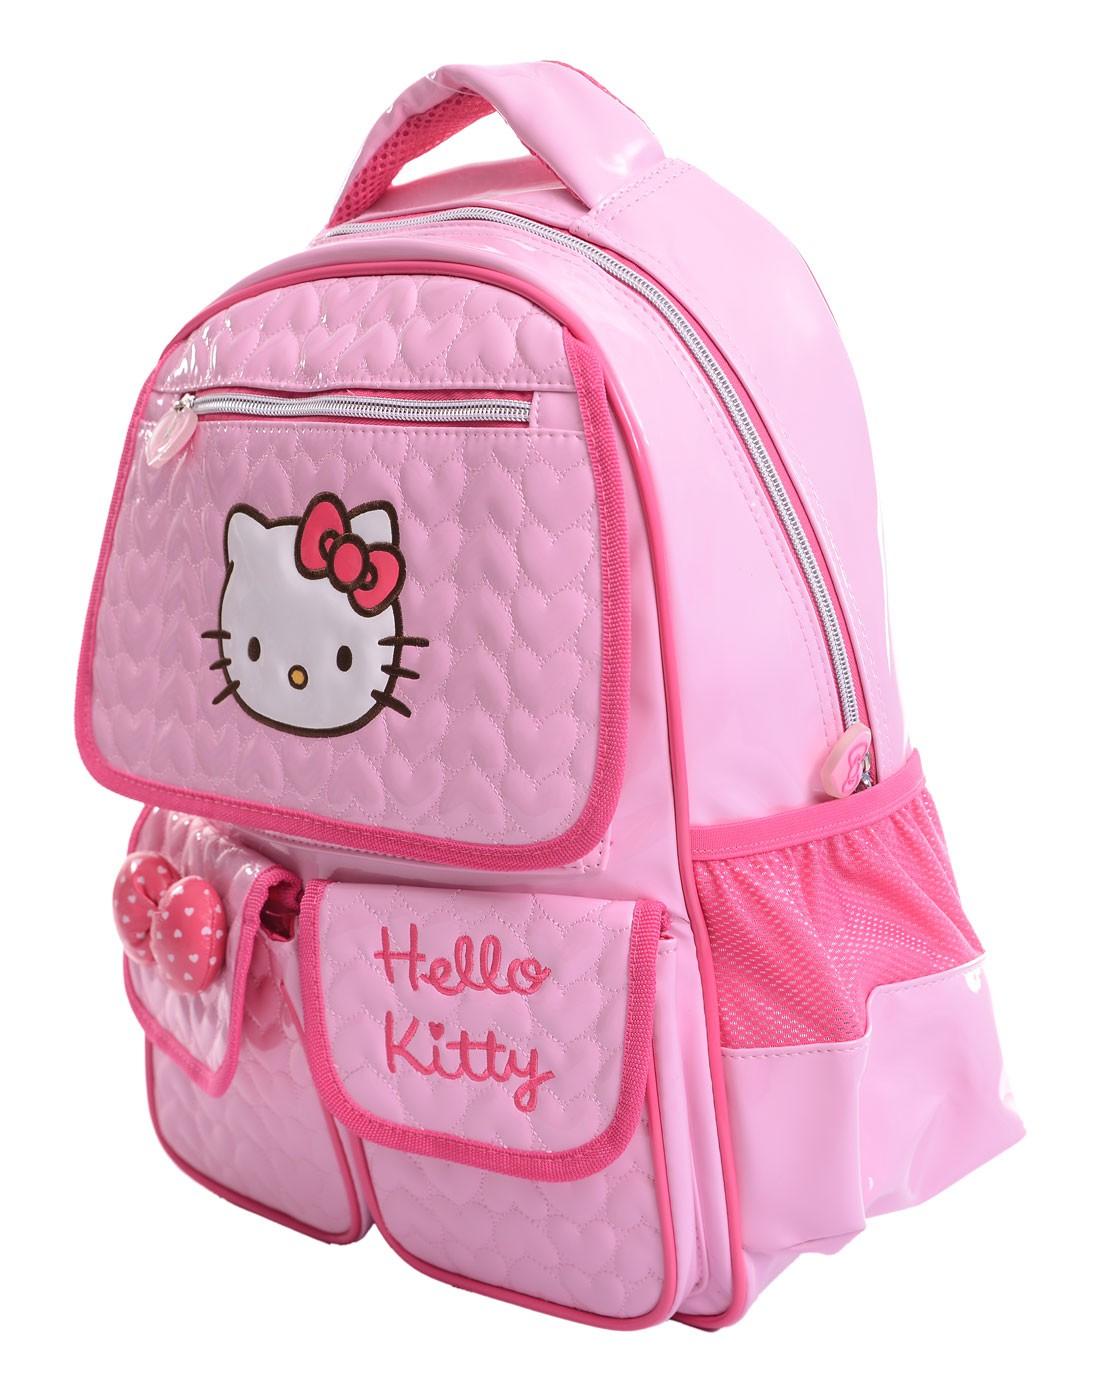 kitty儿童书包